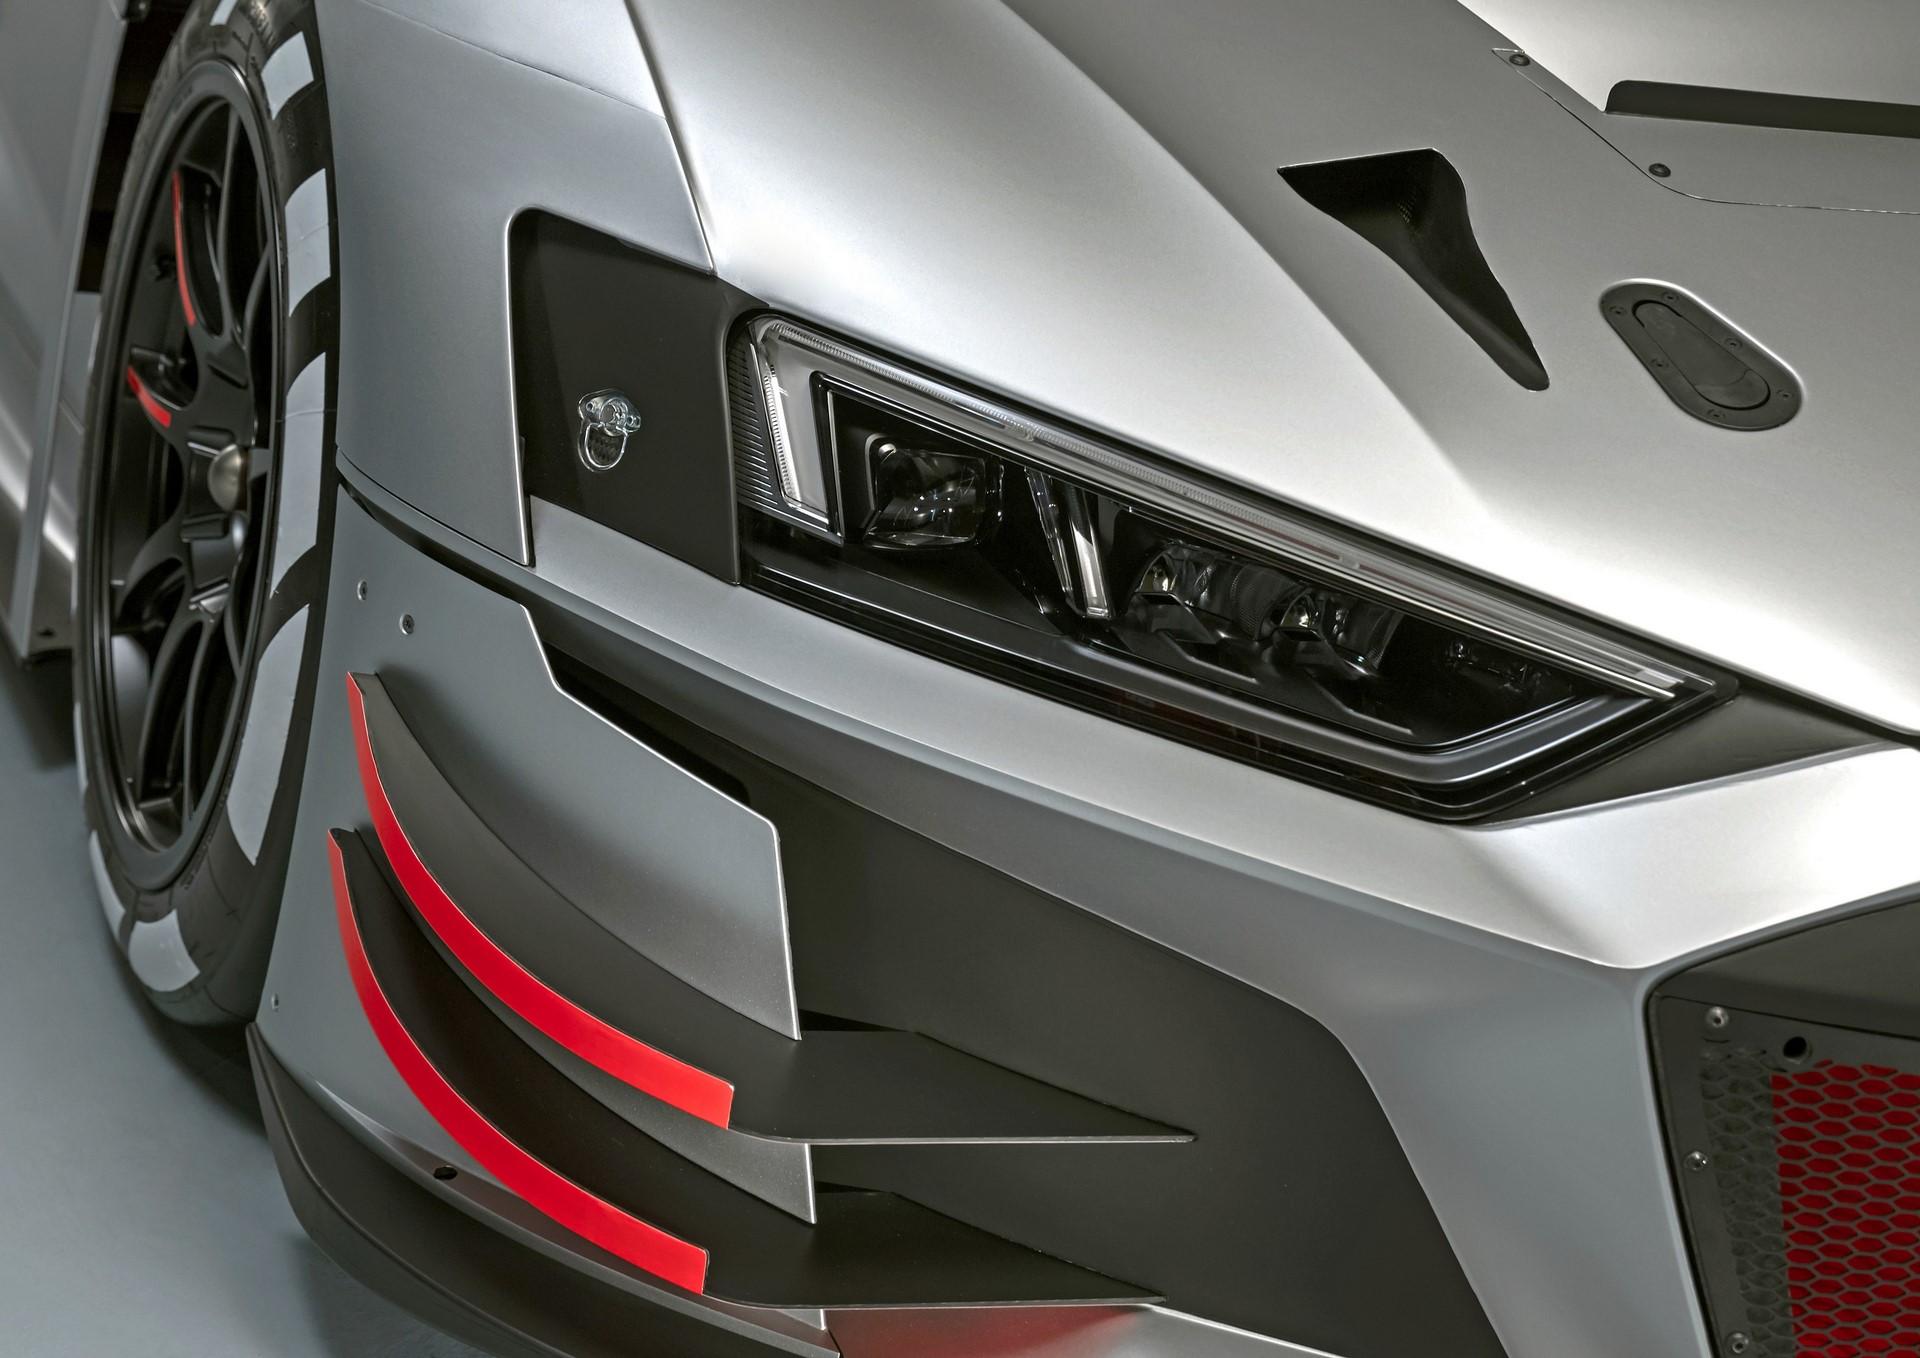 ί έ Audi R8 Lms Autoblog Gr